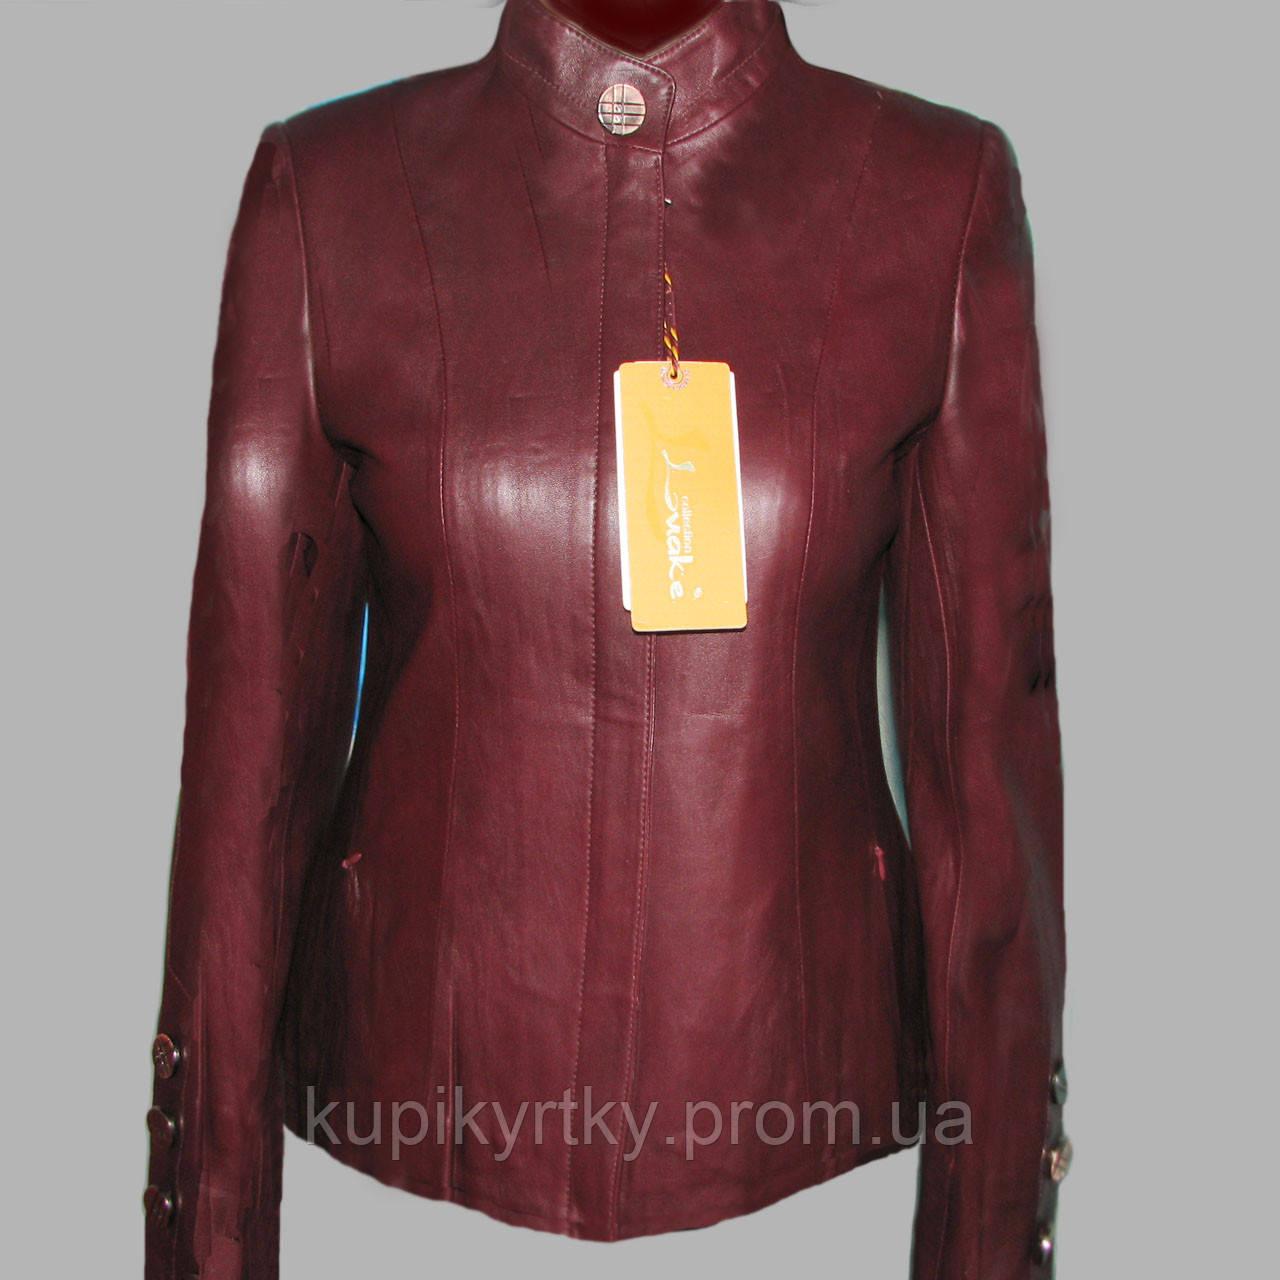 Куртка Короткая Мужская Купить